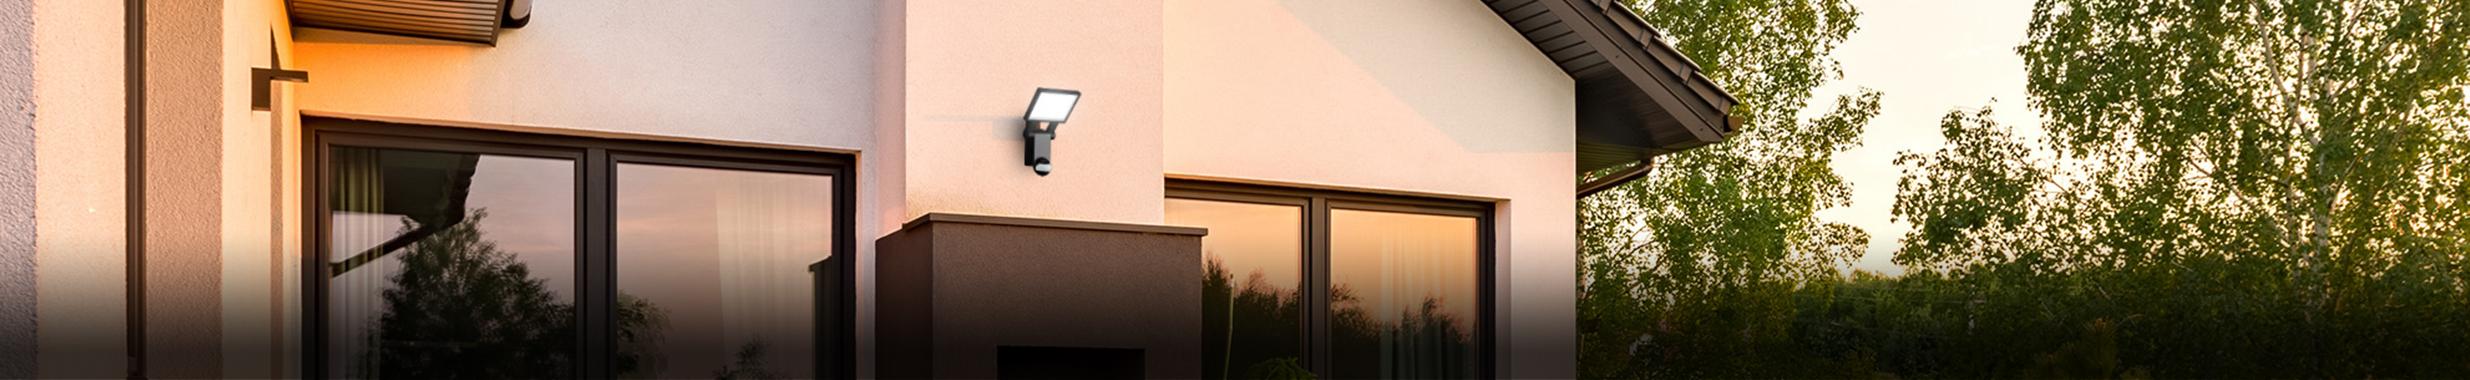 Outdoor Lichtideen für die Terassenbeleuchtung entdecken